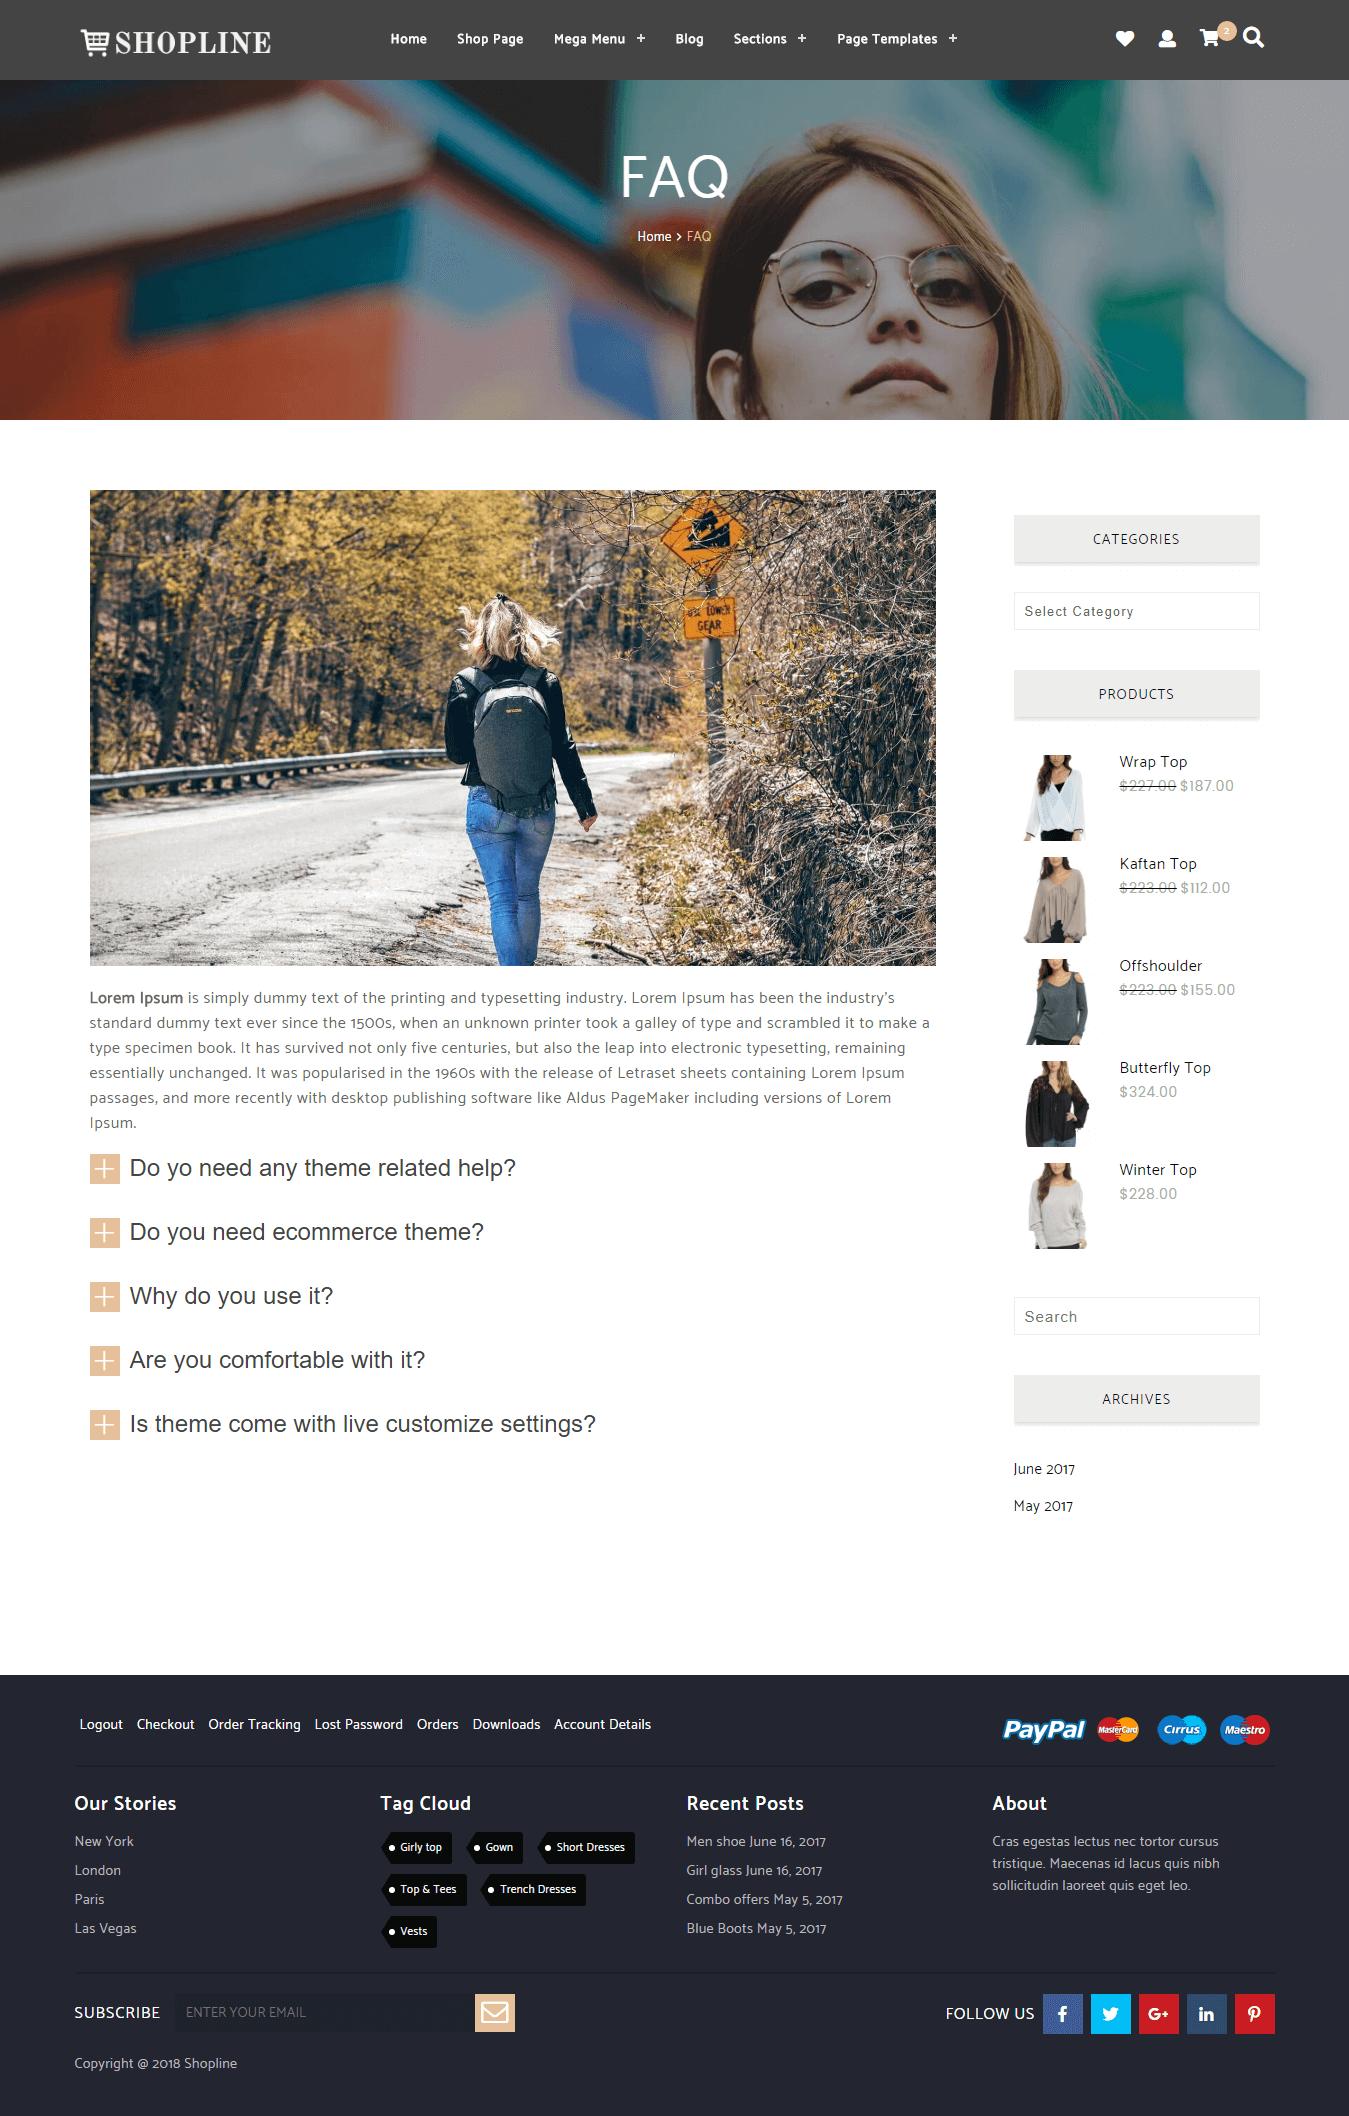 Shopline Pro FAQ Layout